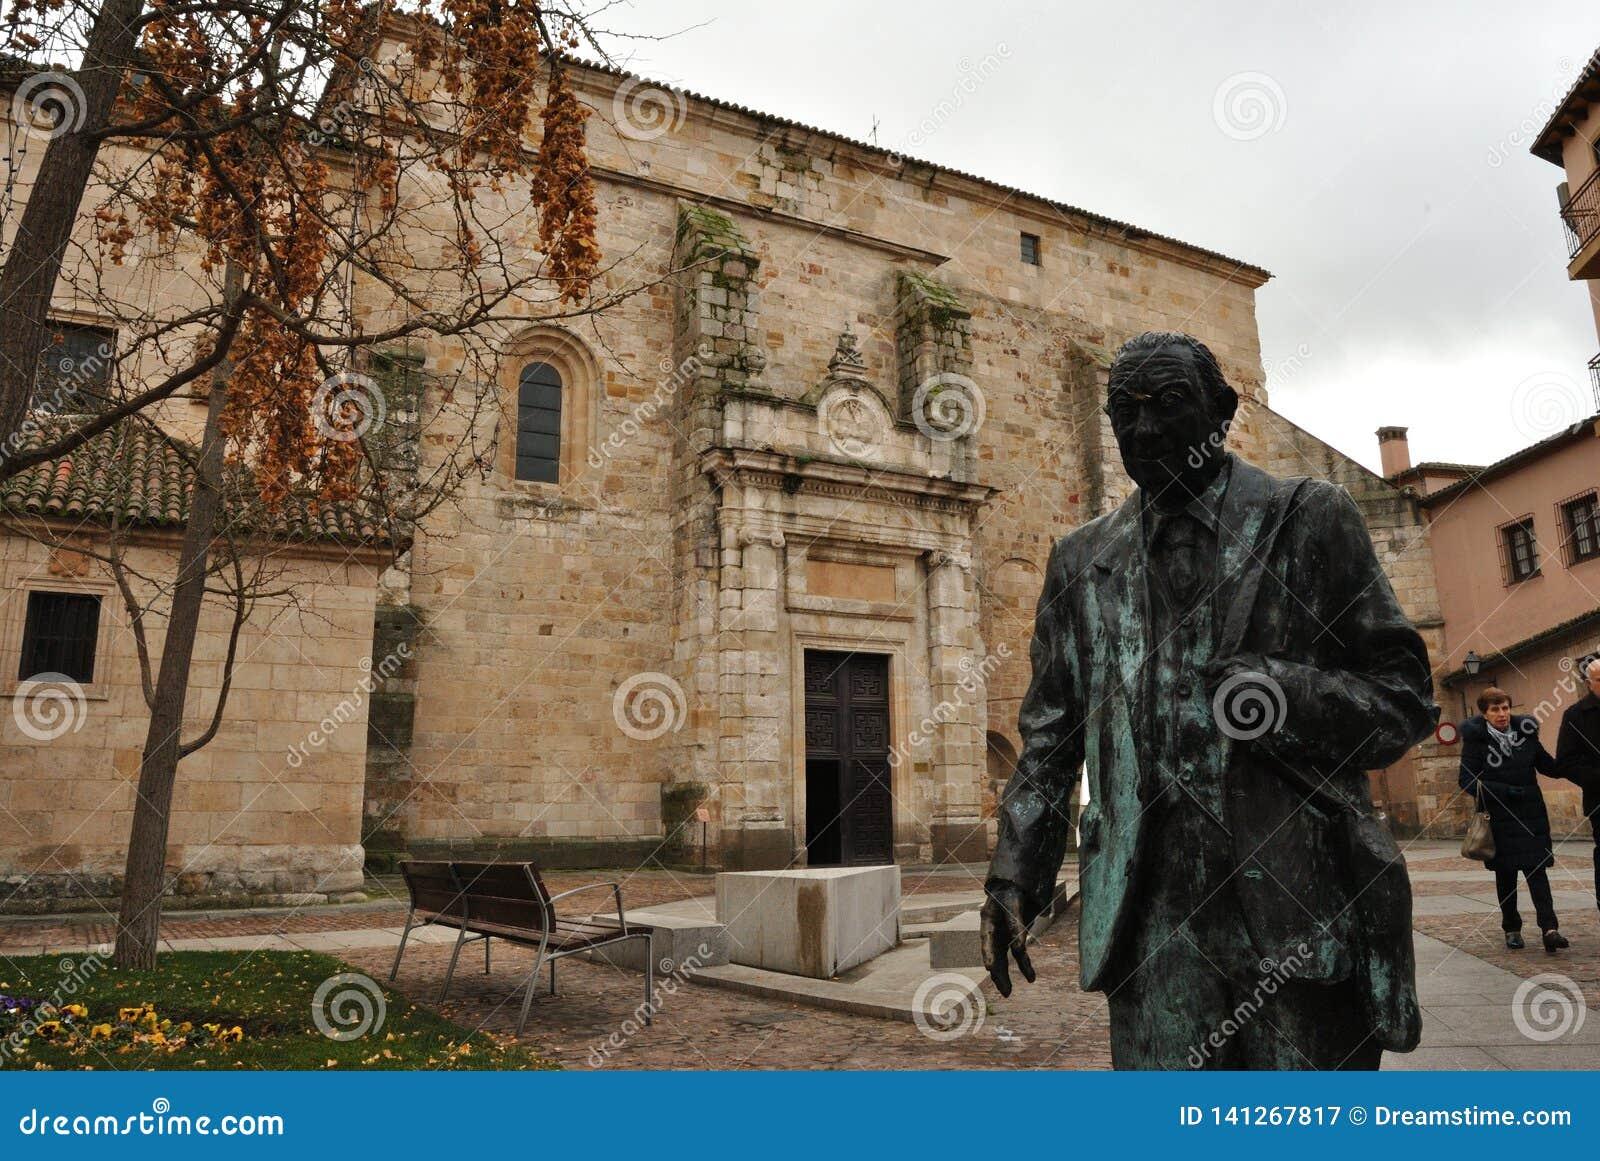 Estatue and San Ildefonso church, Zamora, Spain